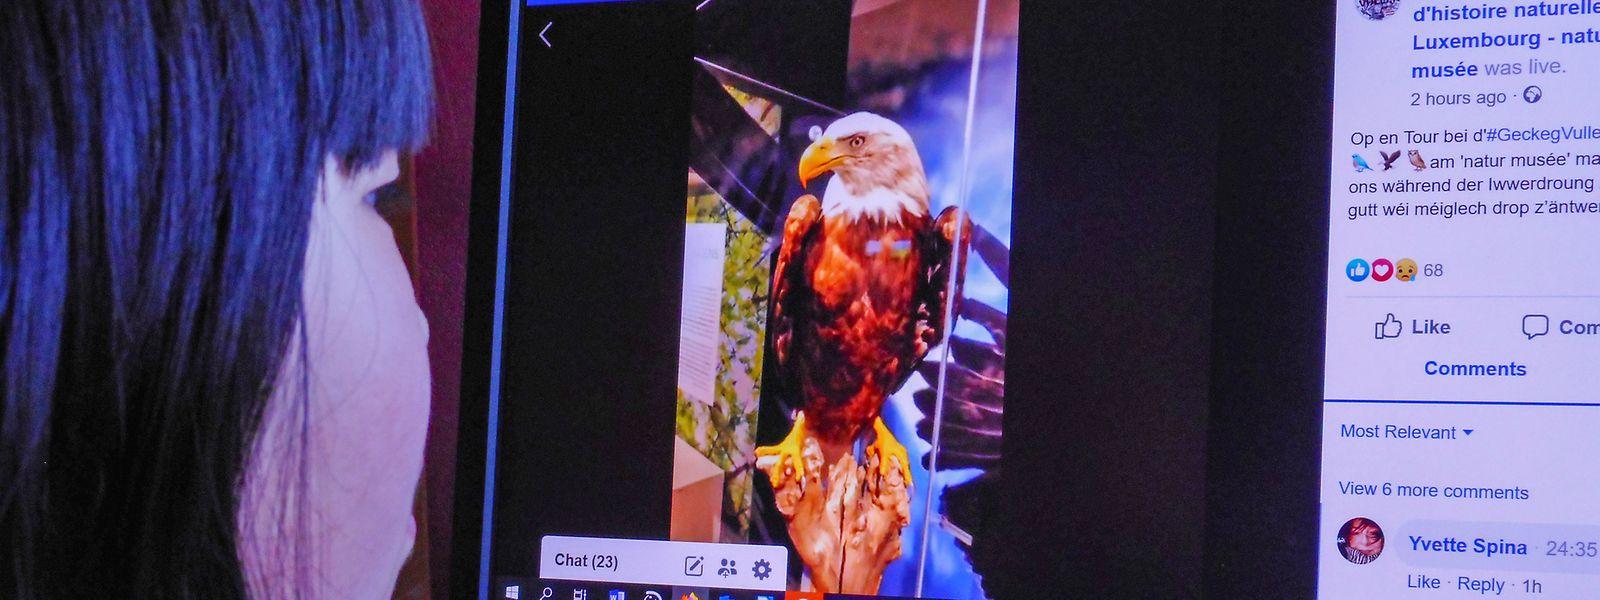 """Vogelwelt frei in der Natur, ausgestopft im Museum und virtuell im Netz. Die Ausstellung """"Geckeg Vullen"""" lässt sich in diesen Tagen der Quarantäne übers Netz besuchen – sogar mit Führung auf der Facebook-Seite des naturhistorischen Museums."""